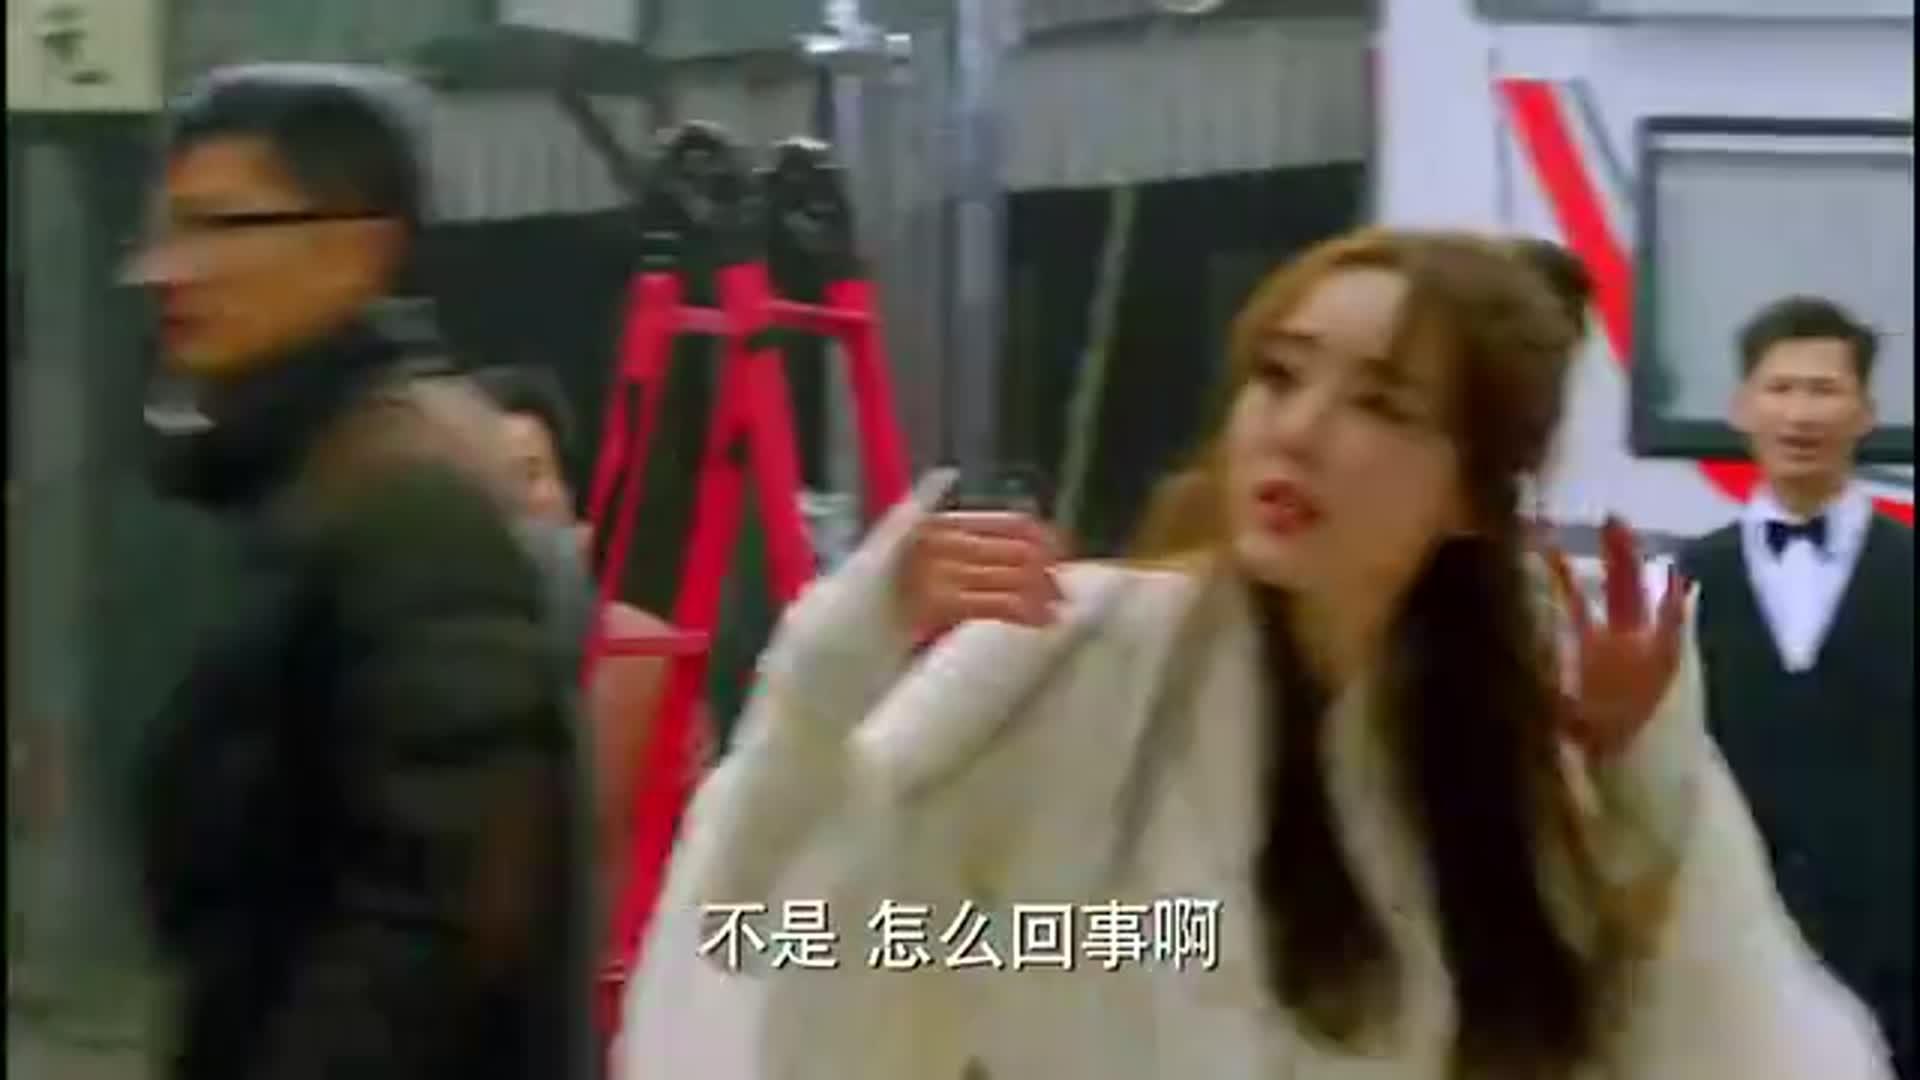 中国式关系:剧组人故意整姑娘,结果京城阔少撑腰,更乱了